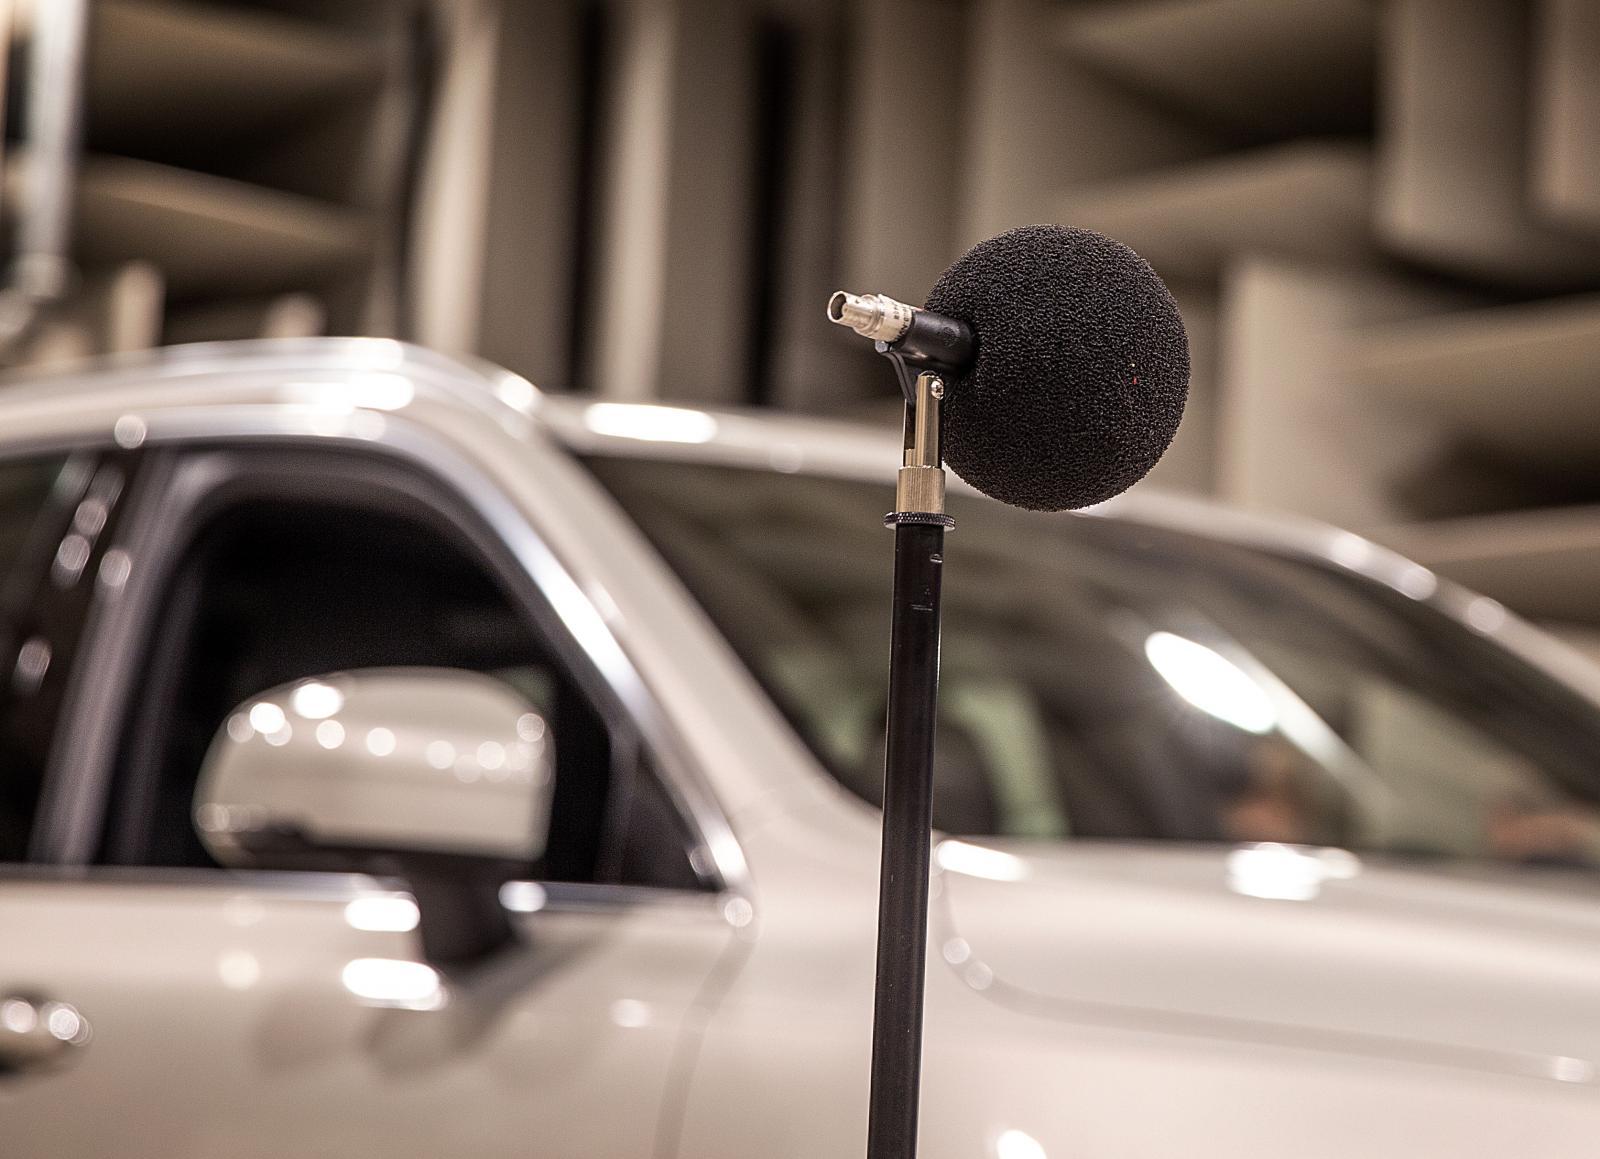 En XC90 laddhybrid är testobjetet för de nya ljuden.